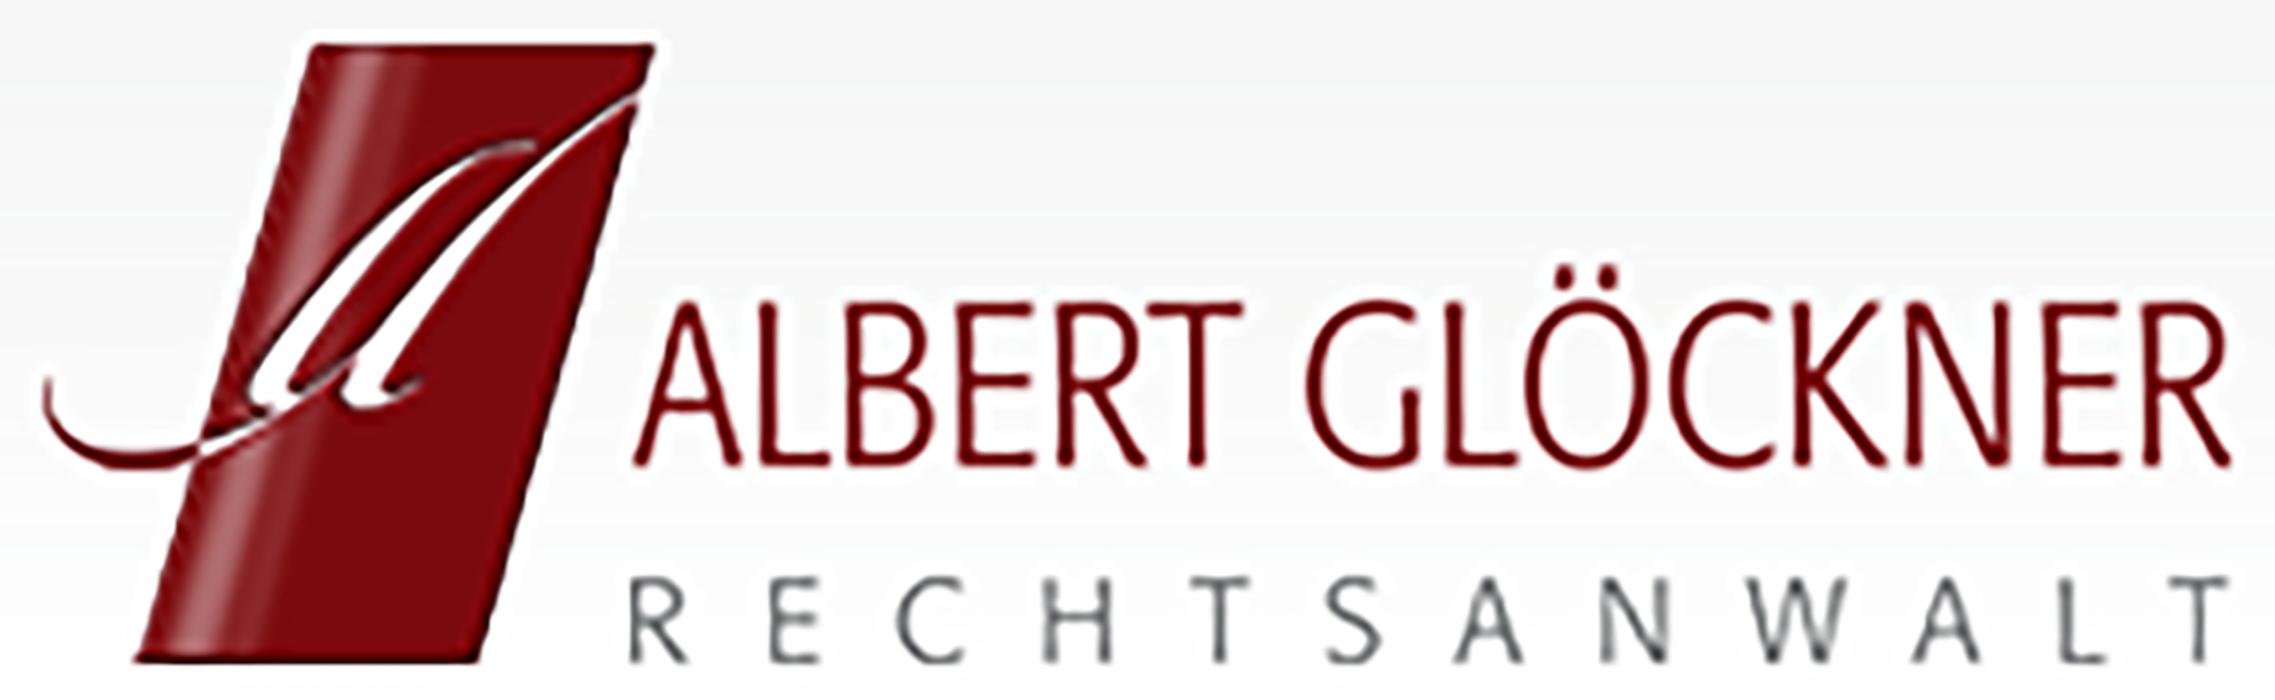 Bild zu Albert Glöckner Rechtsanwalt in Koblenz am Rhein